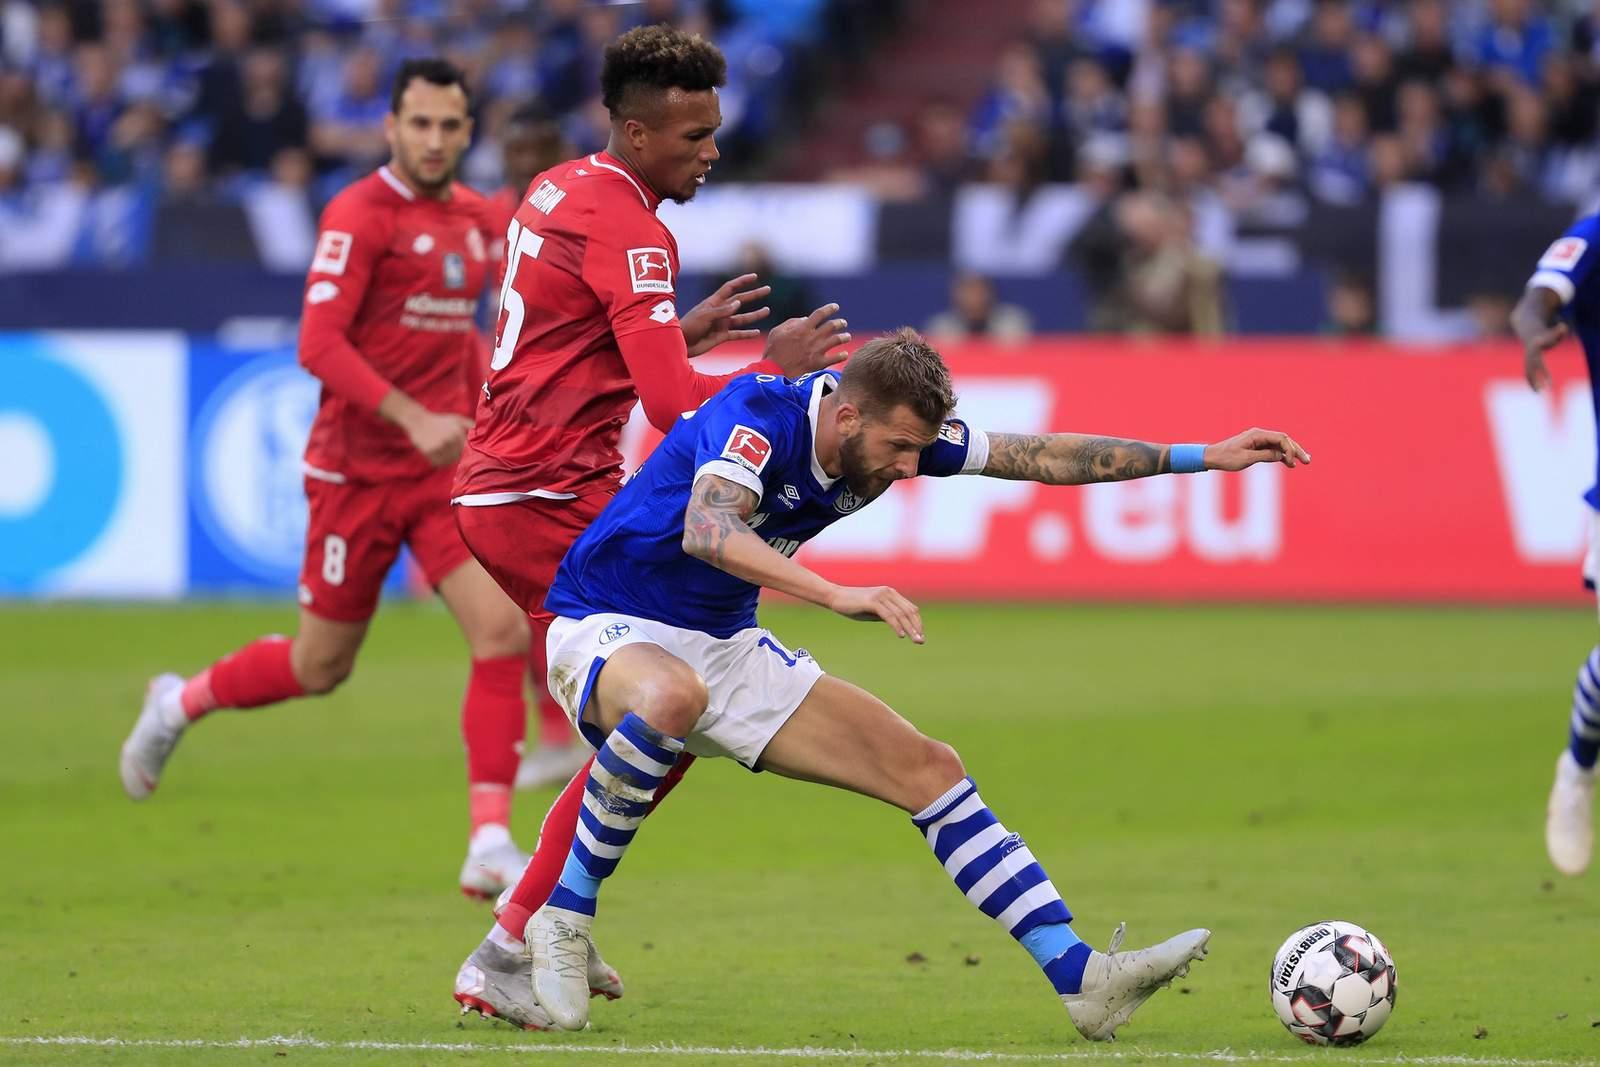 Setzt sich Burgstaller wieder durch? Jetzt auf Schalke gegen Mainz wetten